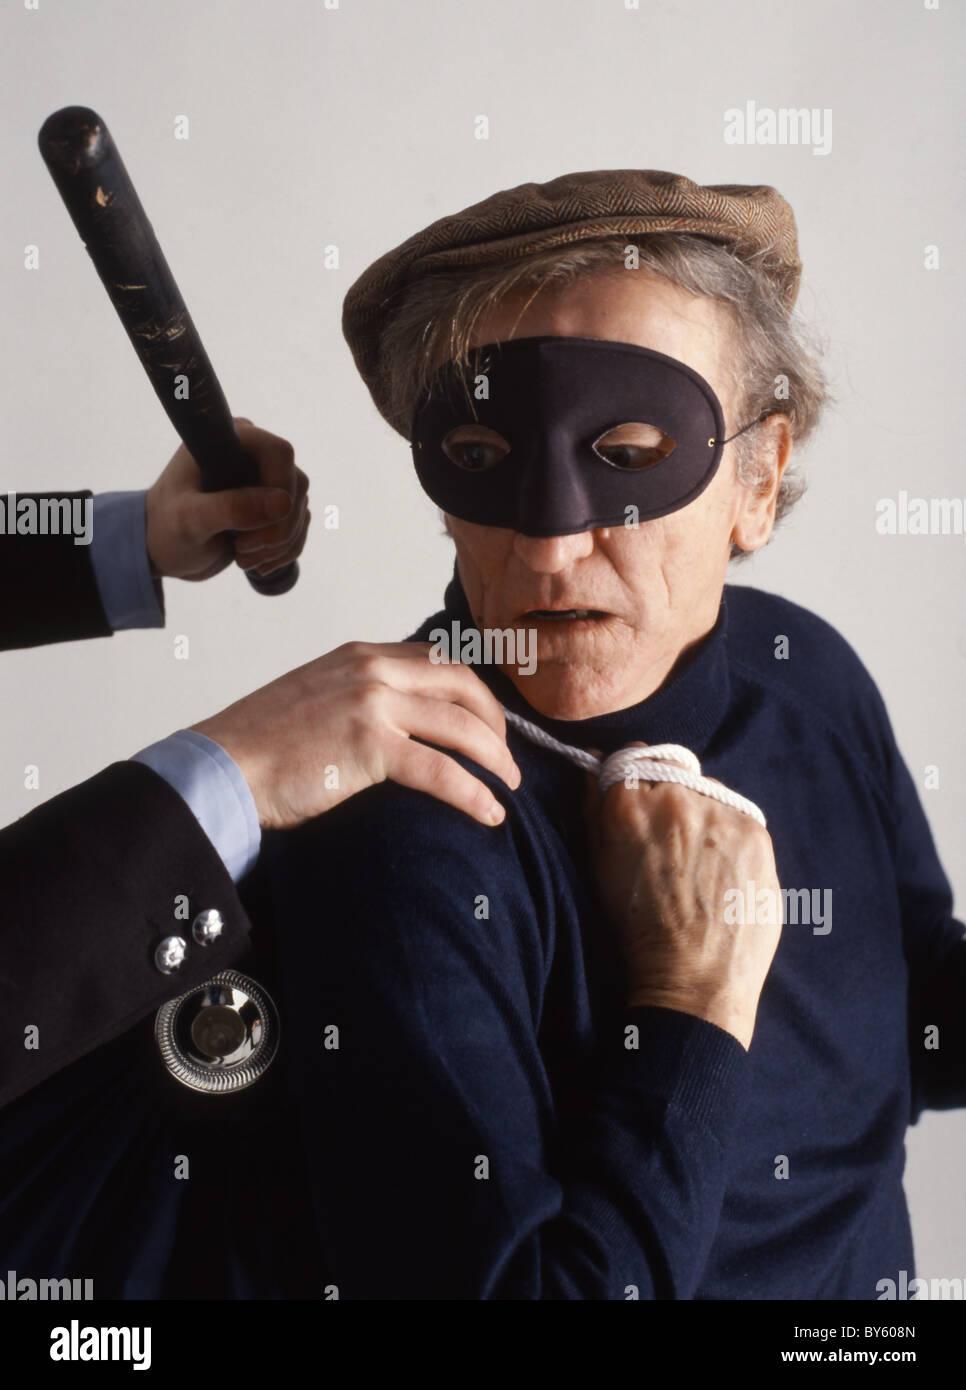 corte Un la por vestido máscara brazo ladrón ladrón policía ley hombre como un hombre de la Ladrón de largo ladrón el za81Sn